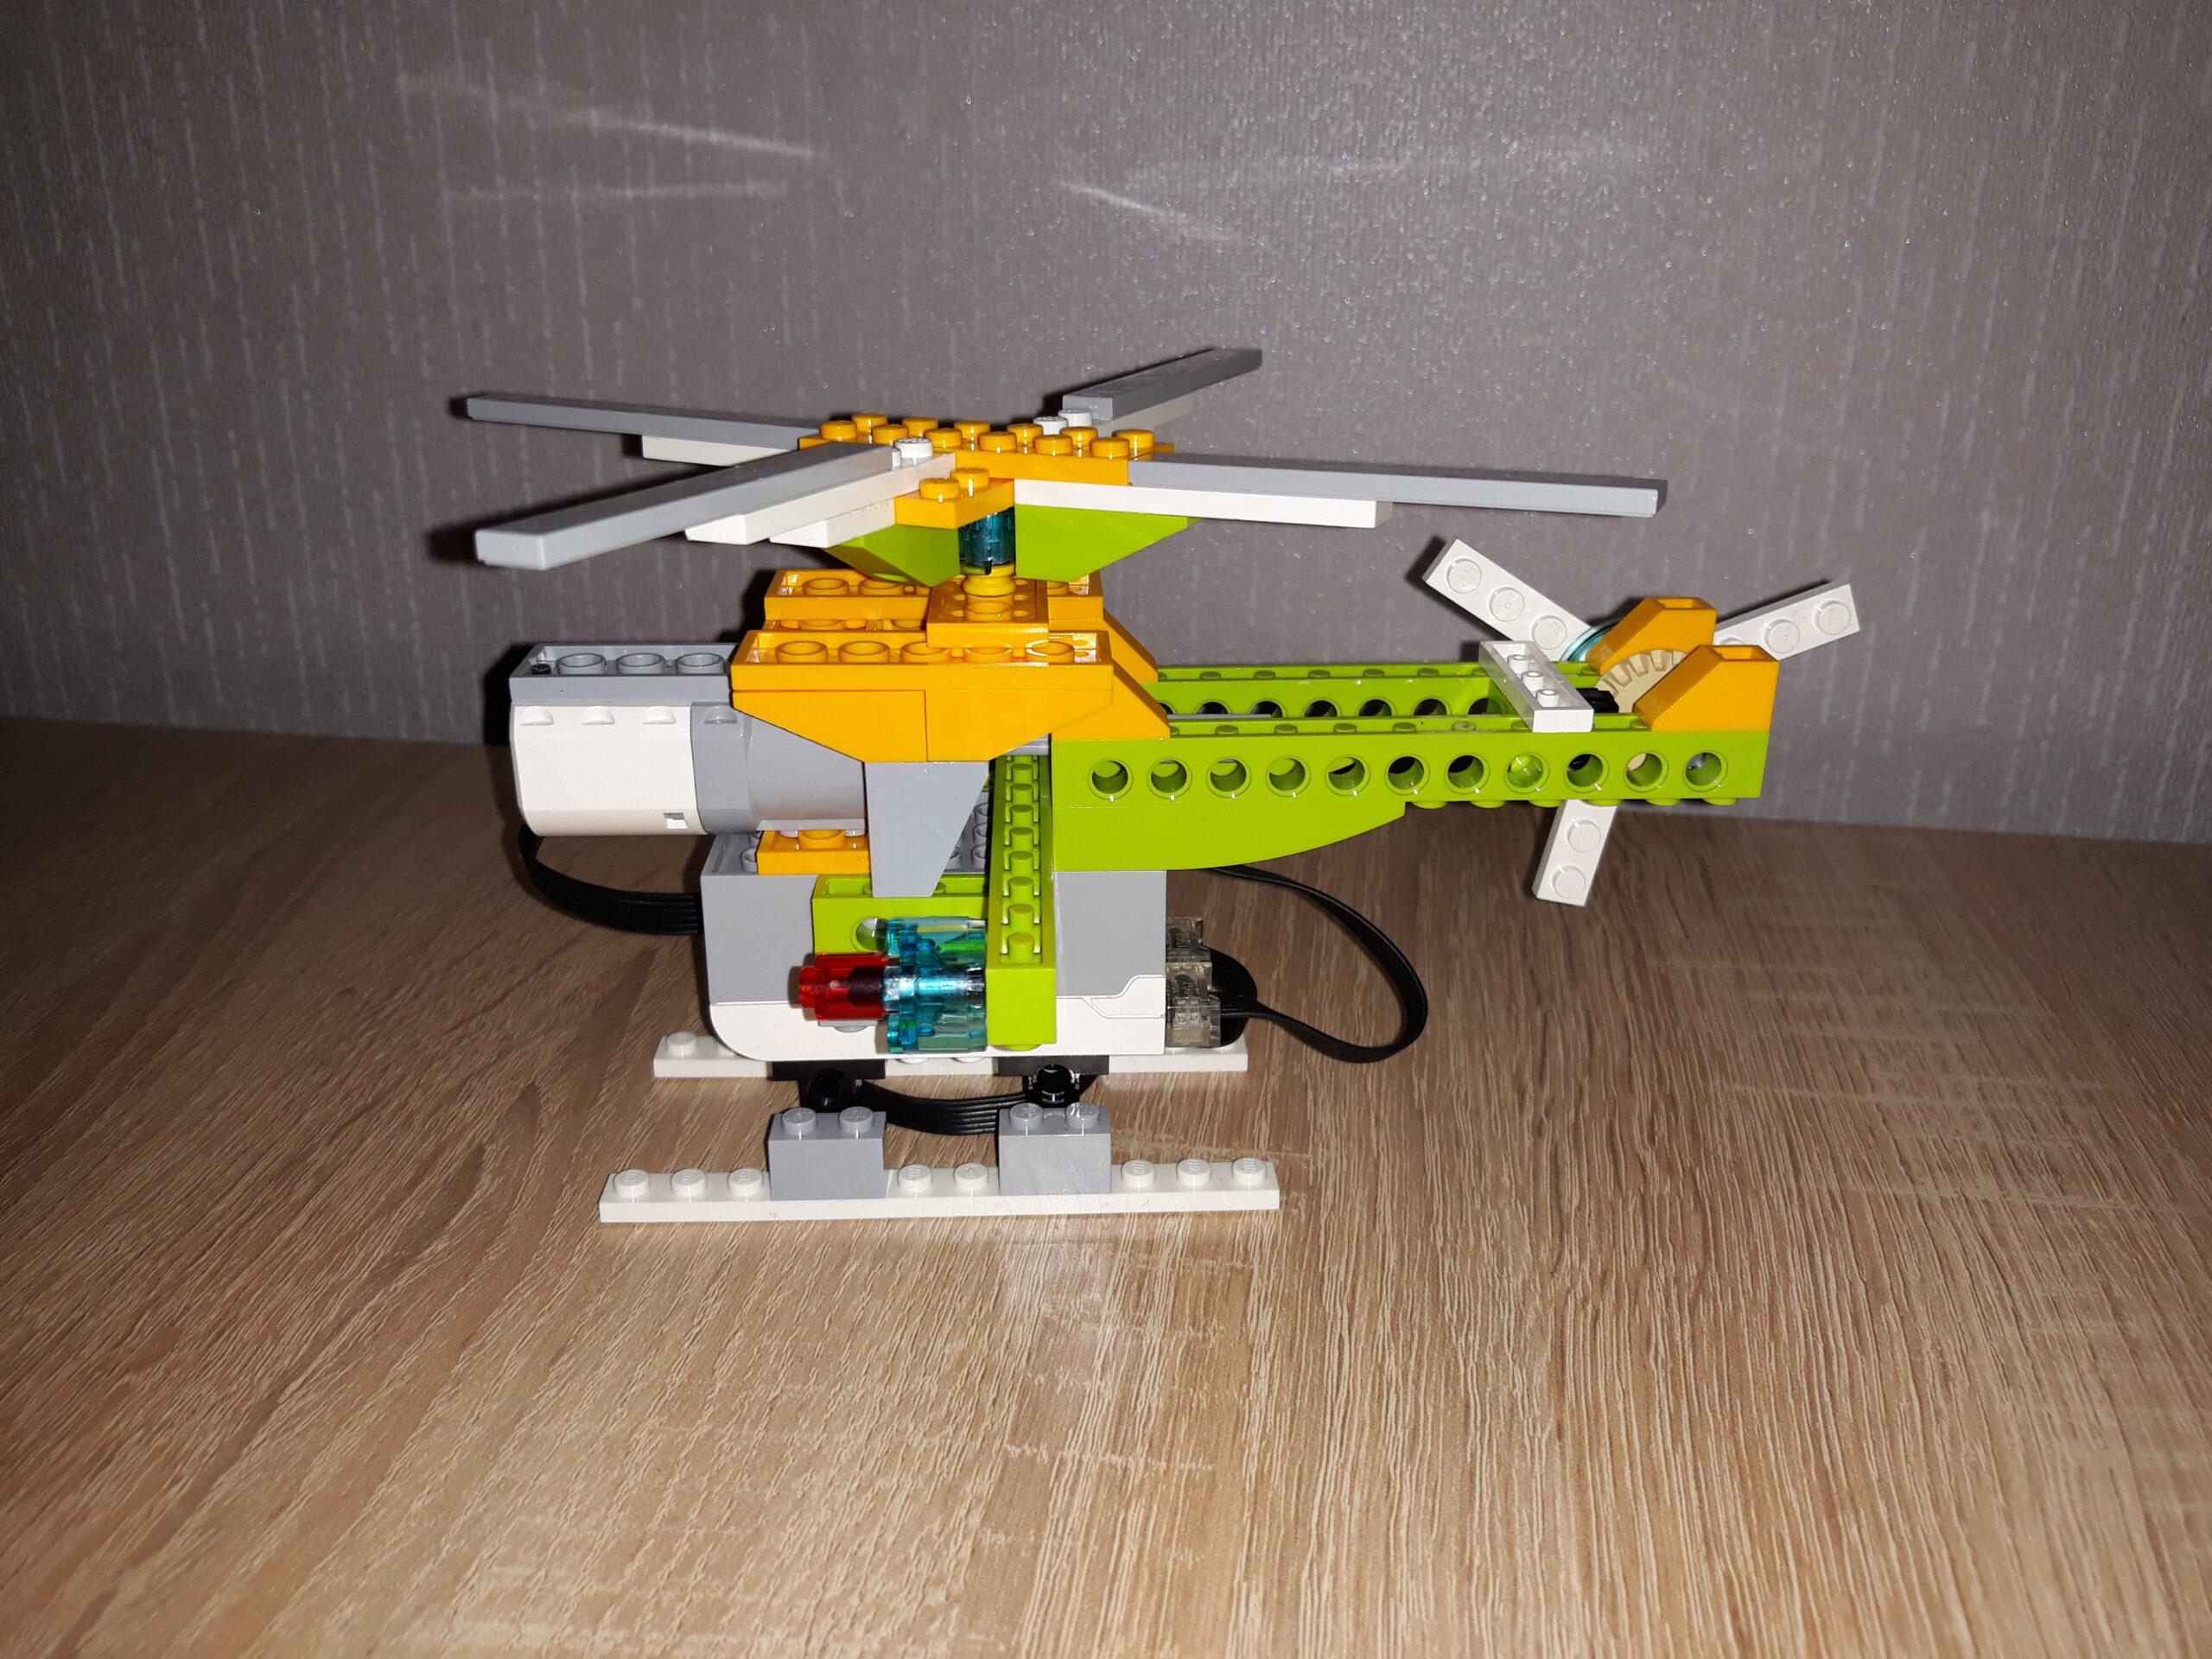 Скачать бесплатно инструкцию по сборке из набора LEGO Education WeDo 2.0 Вертолетик